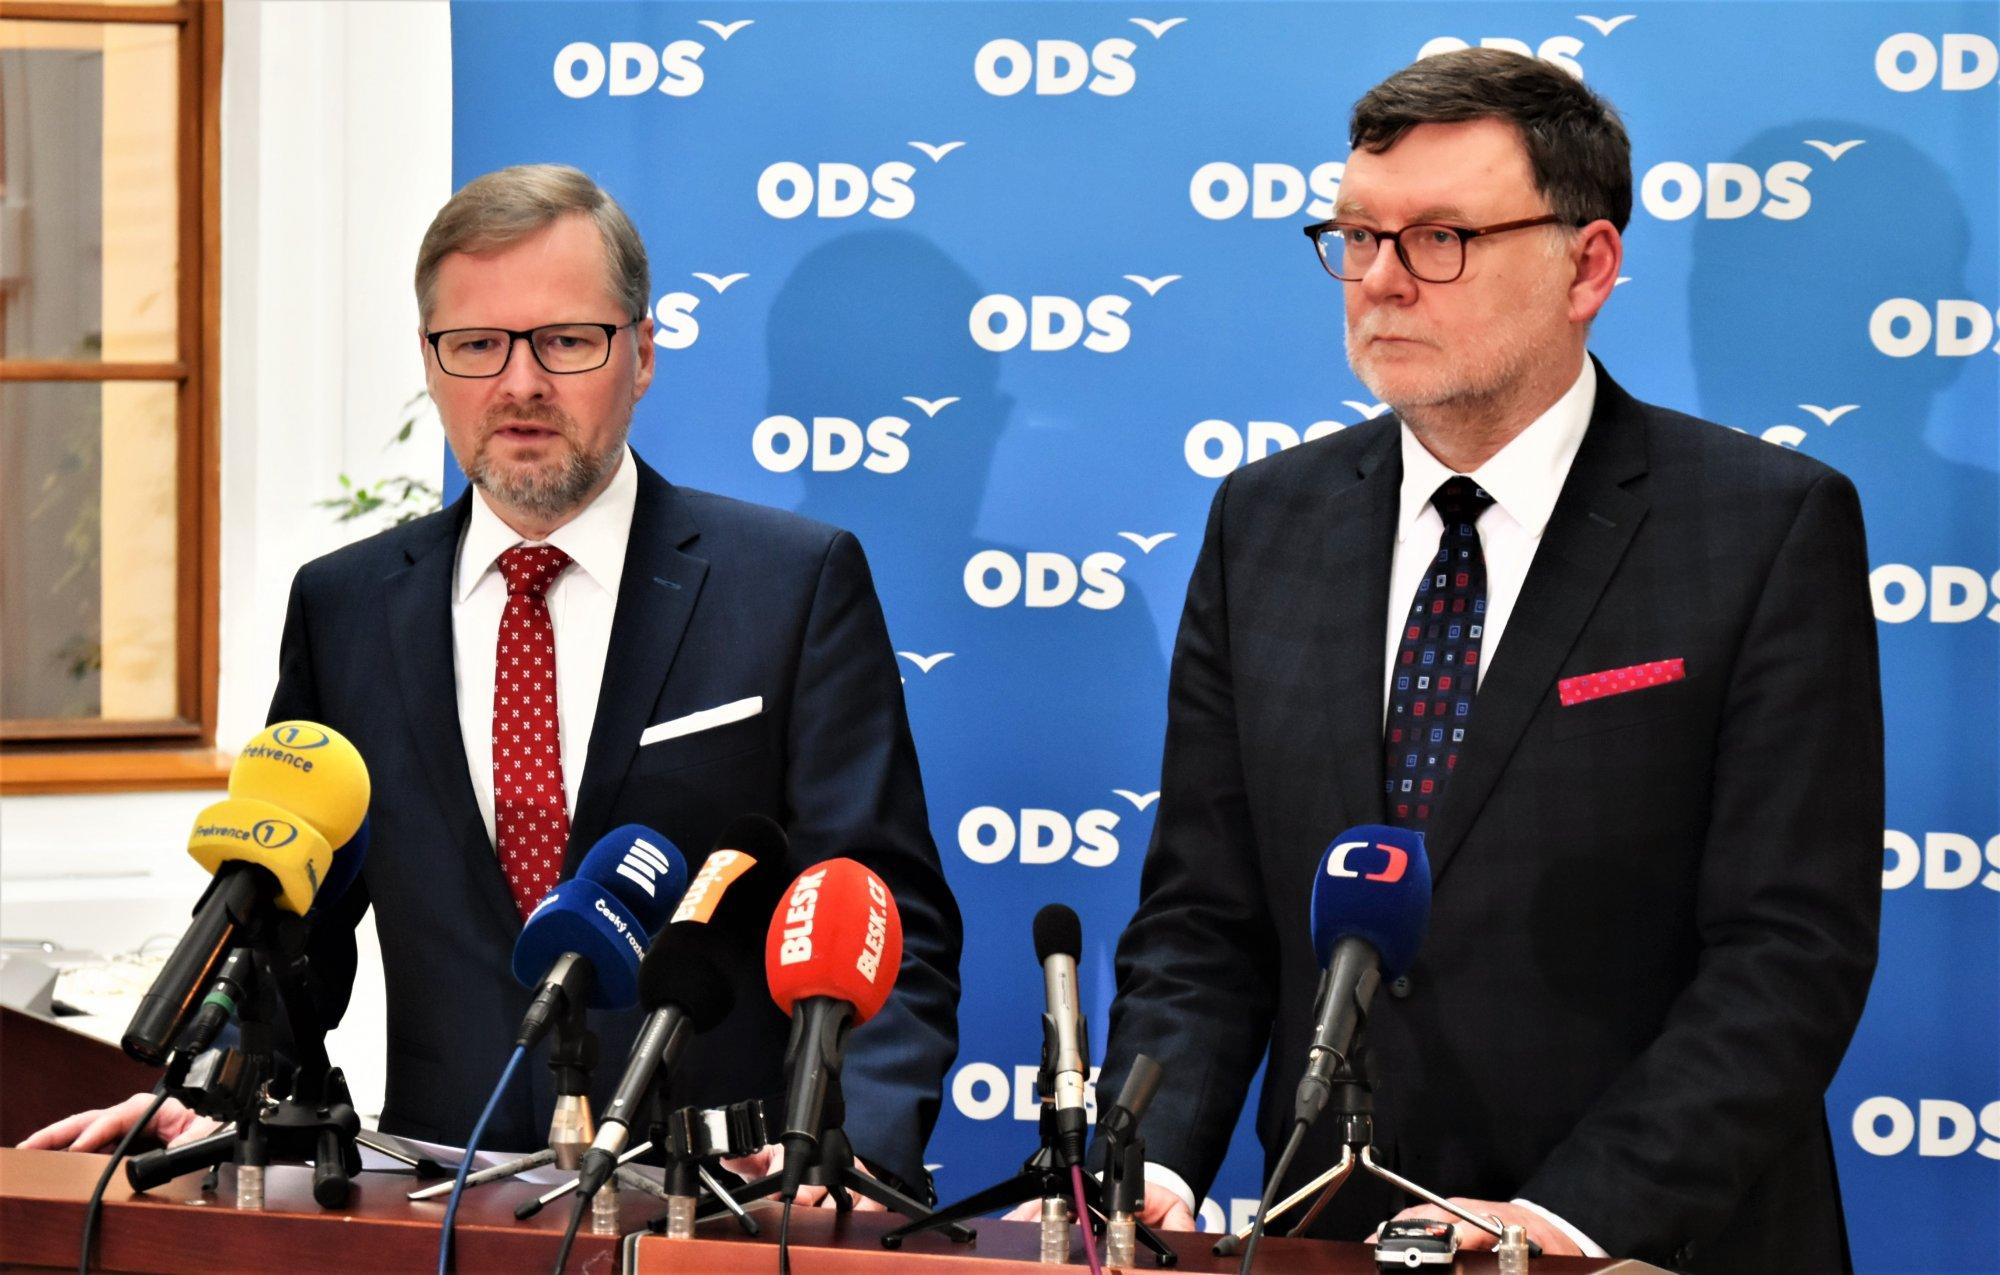 ODS: Navrhujeme 19 konkrétních opatření na podporu živnostníků a vyzýváme hnutí ANO, aby je podpořilo